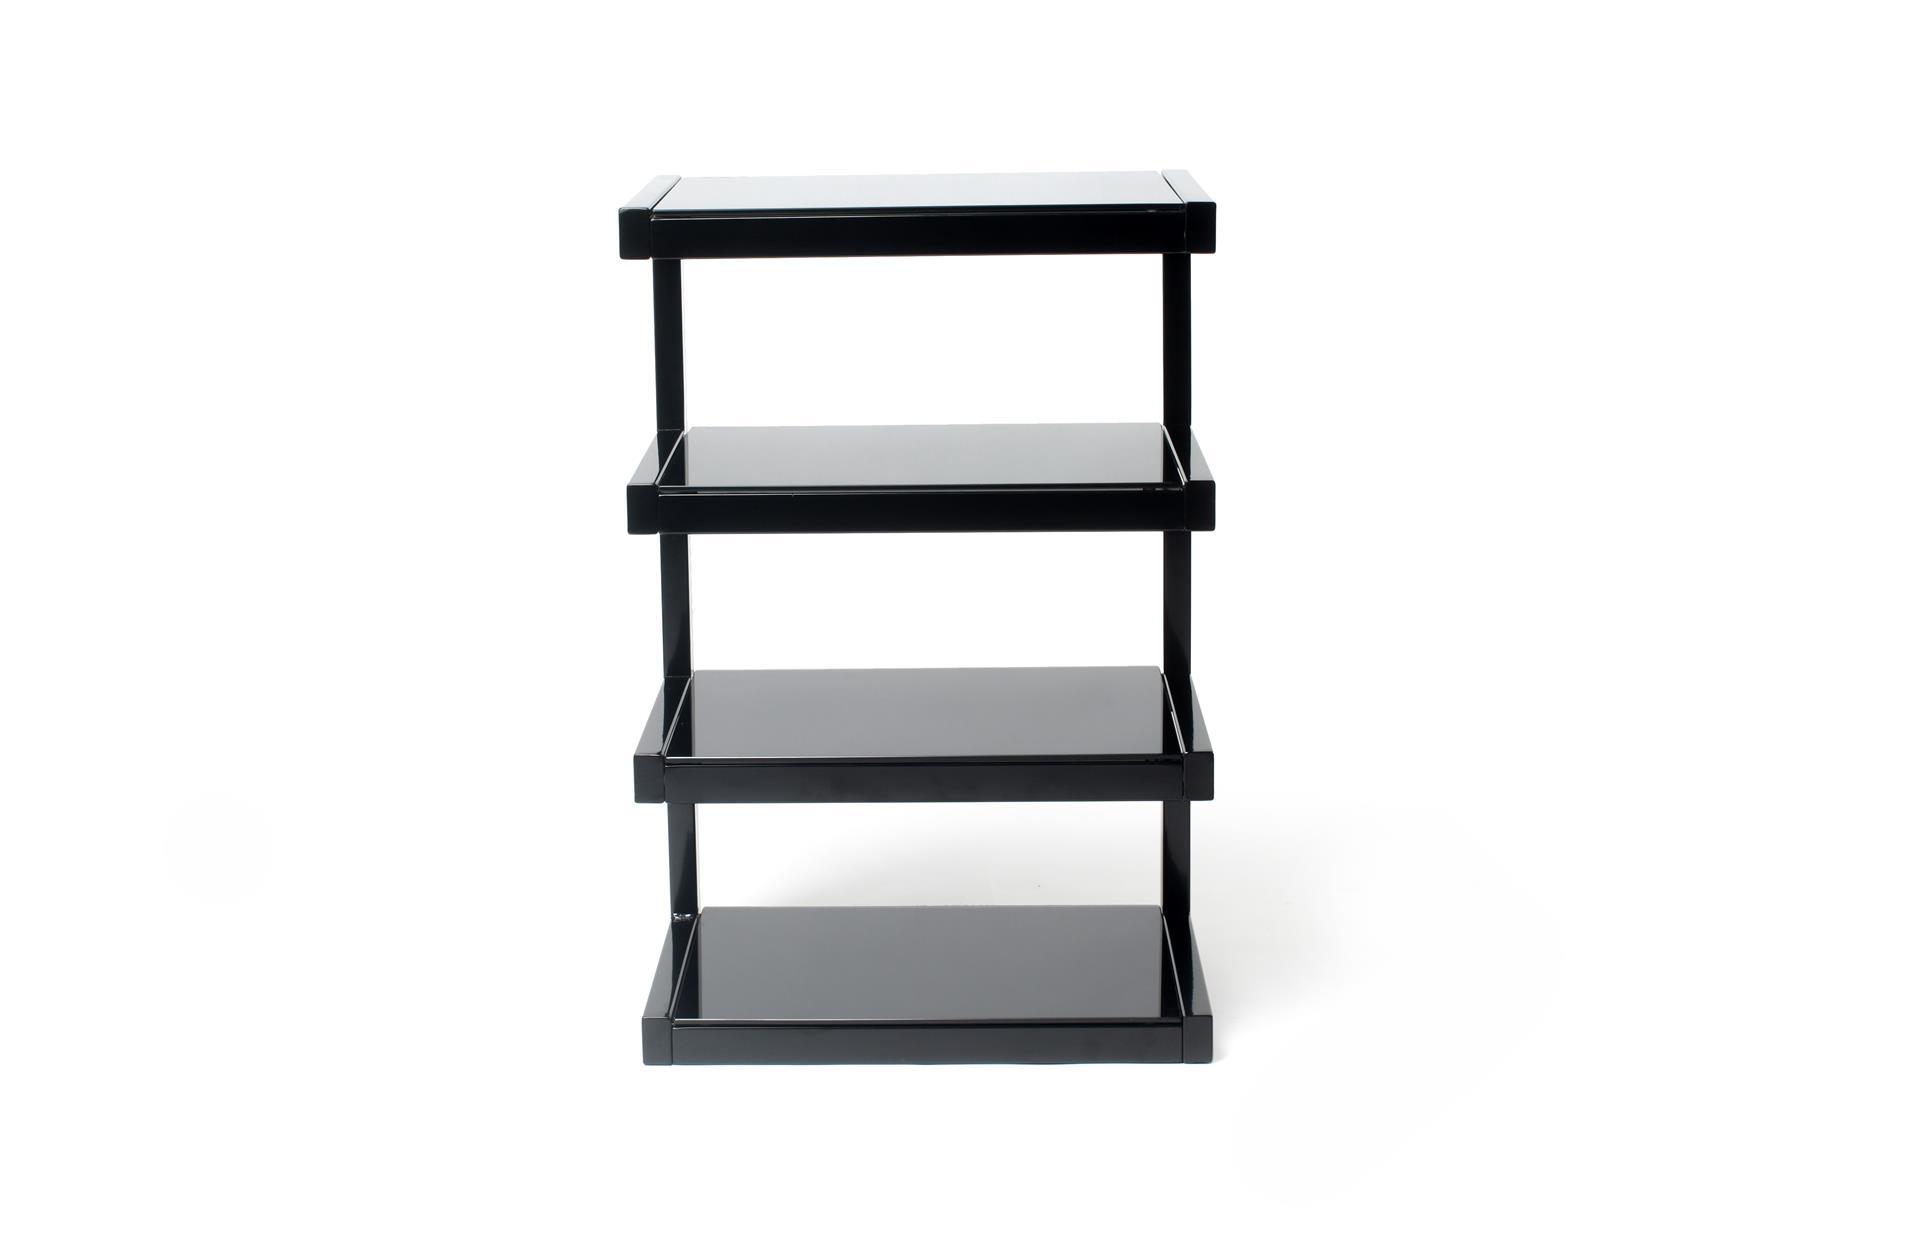 hifi møbler Elegant møbel Hi Fi Norstone | Lyd & Billed hifi møbler